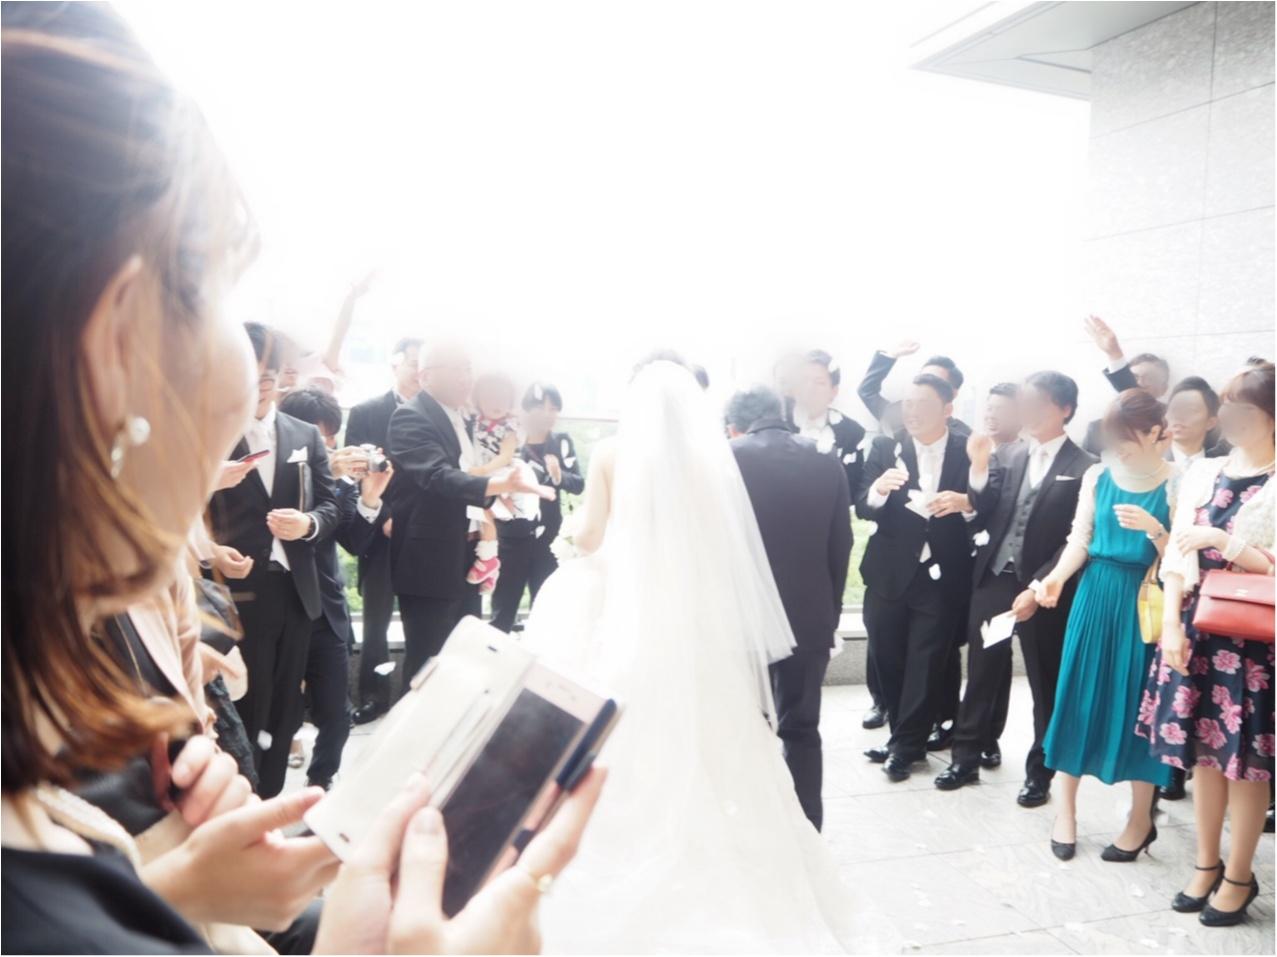 【パレスホテル東京】MOREインフルエンサーNo.600 asuちゃんの素敵な結婚式❤︎_11